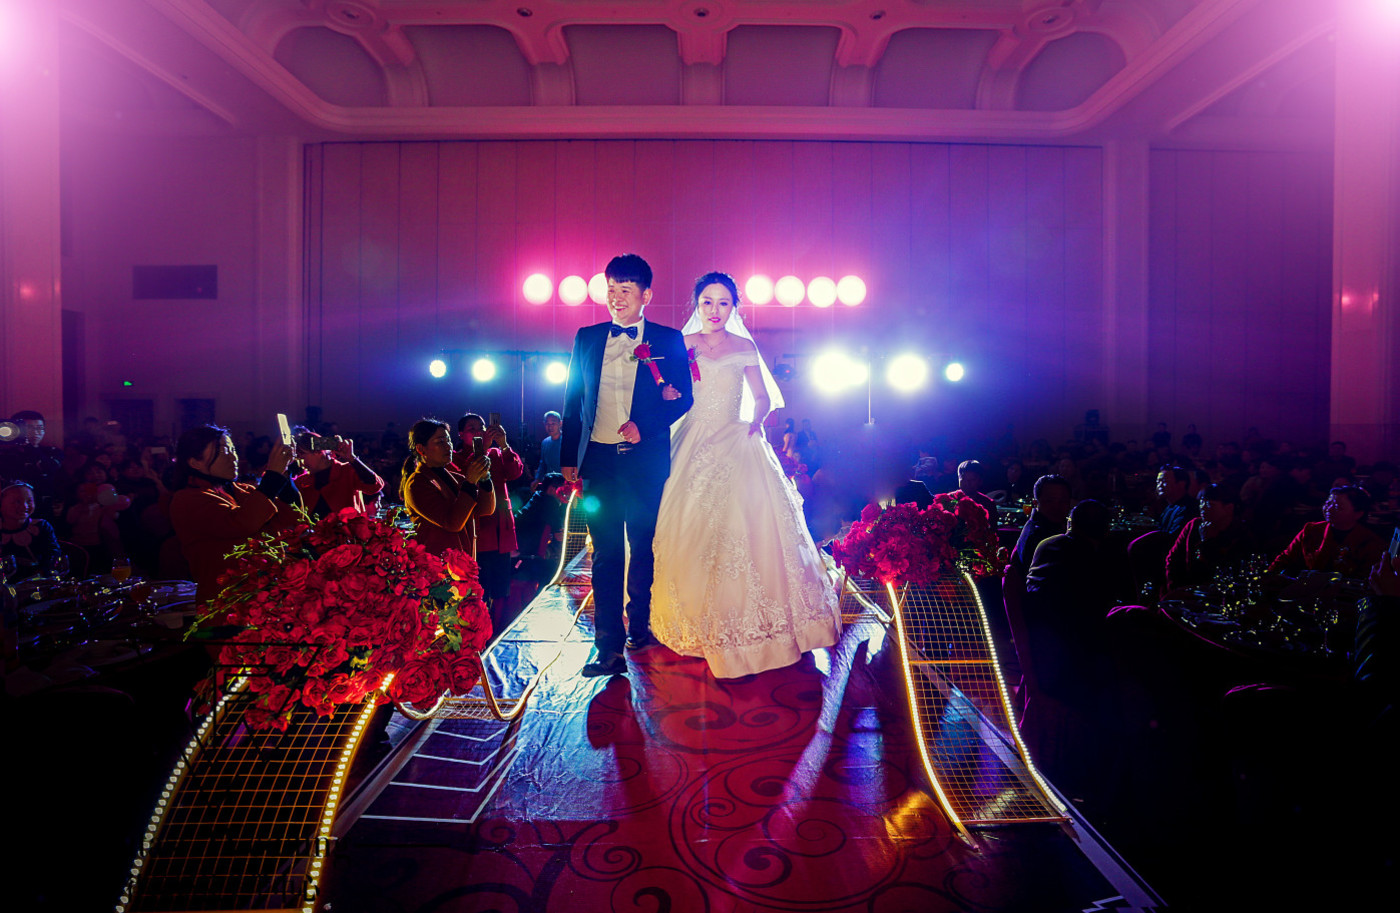 「律境婚礼」&G R 白金汉爵25